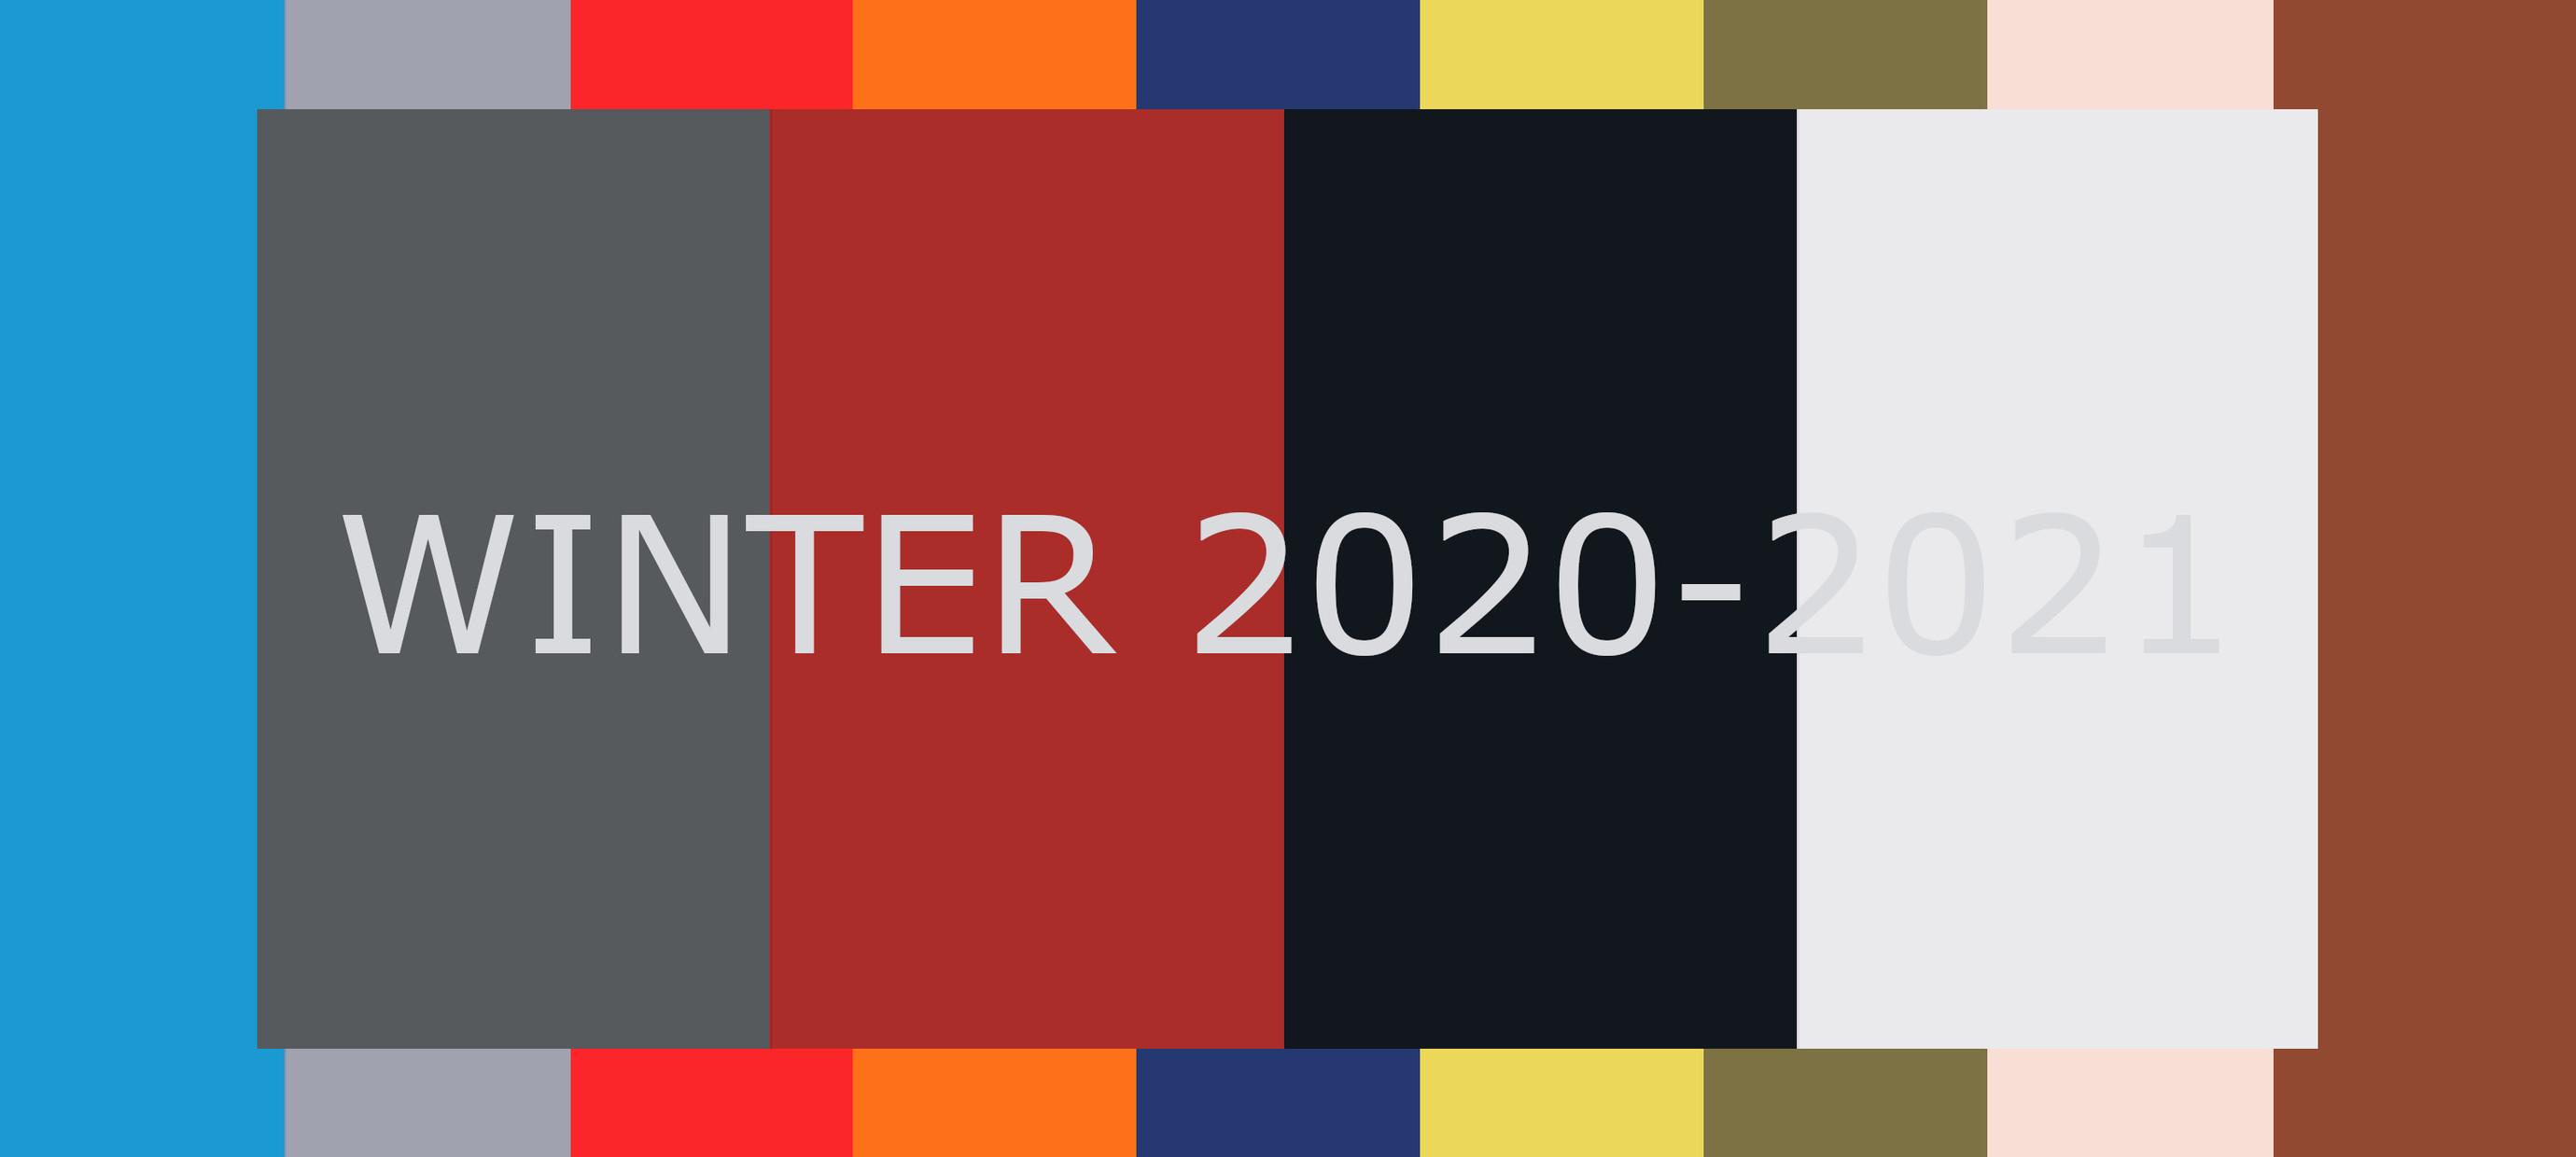 Top 10 modekleuren winter 2020-2021